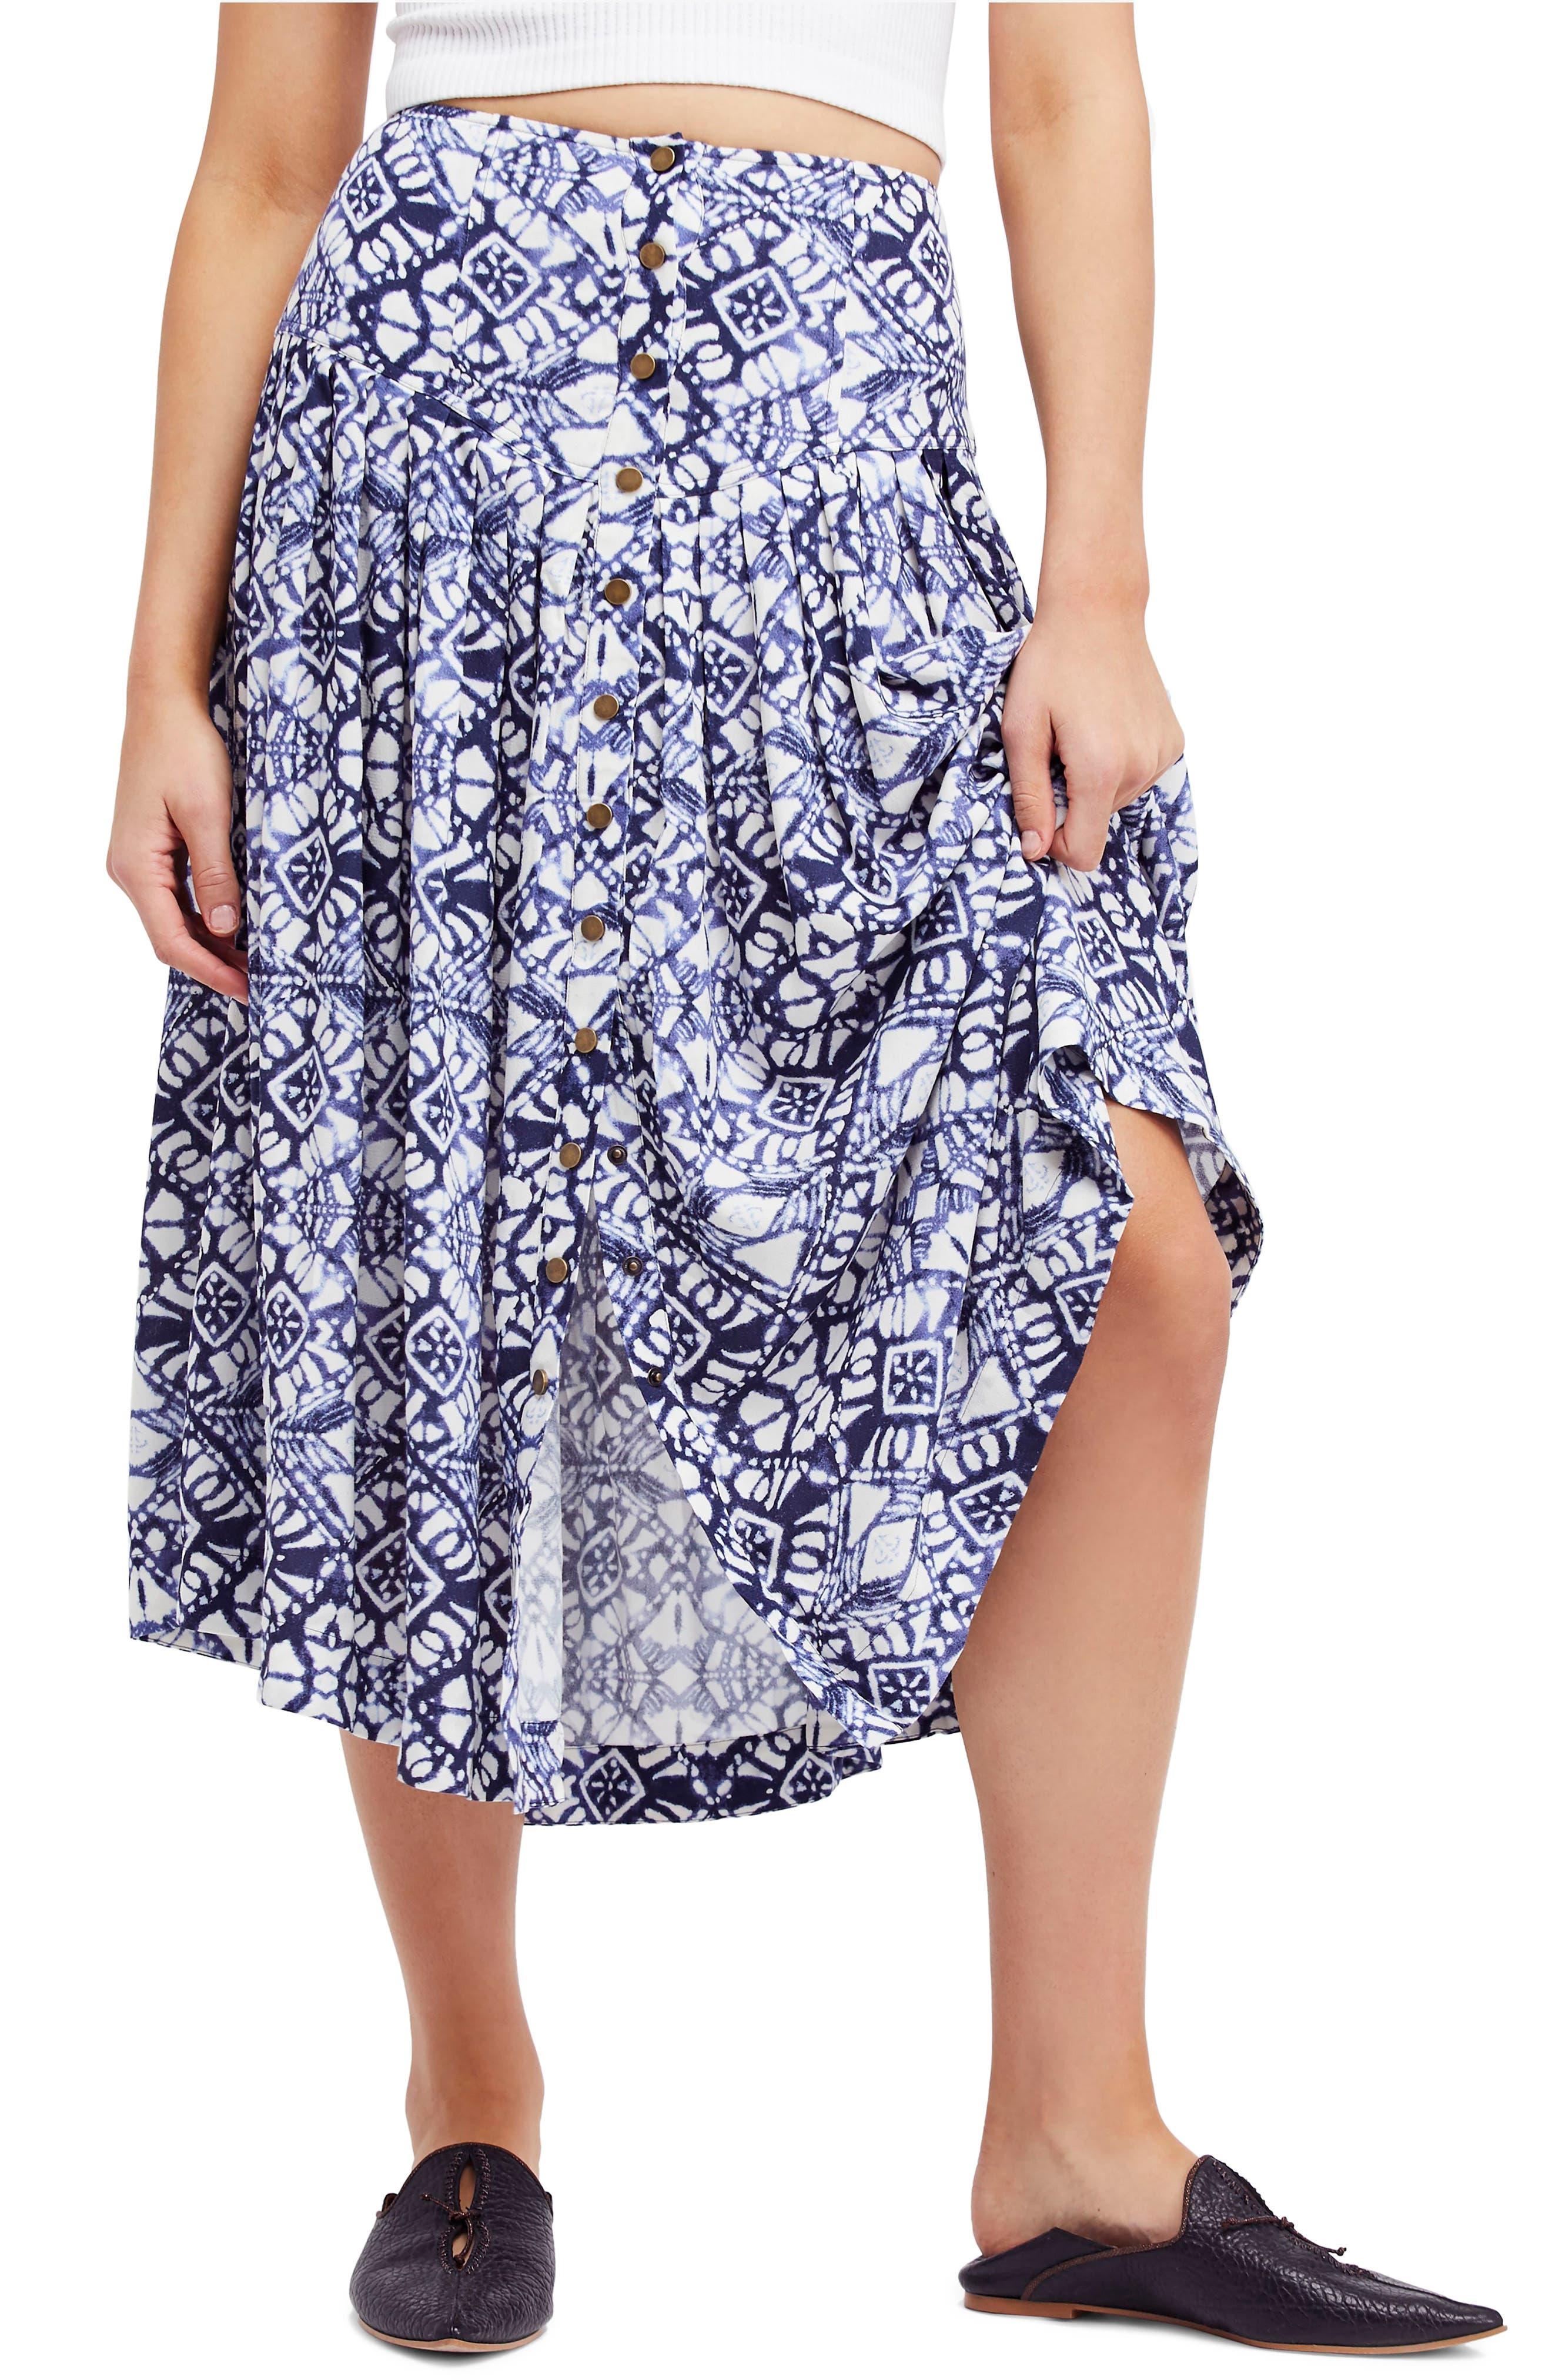 Lovers Dream Midi Skirt,                         Main,                         color, Black